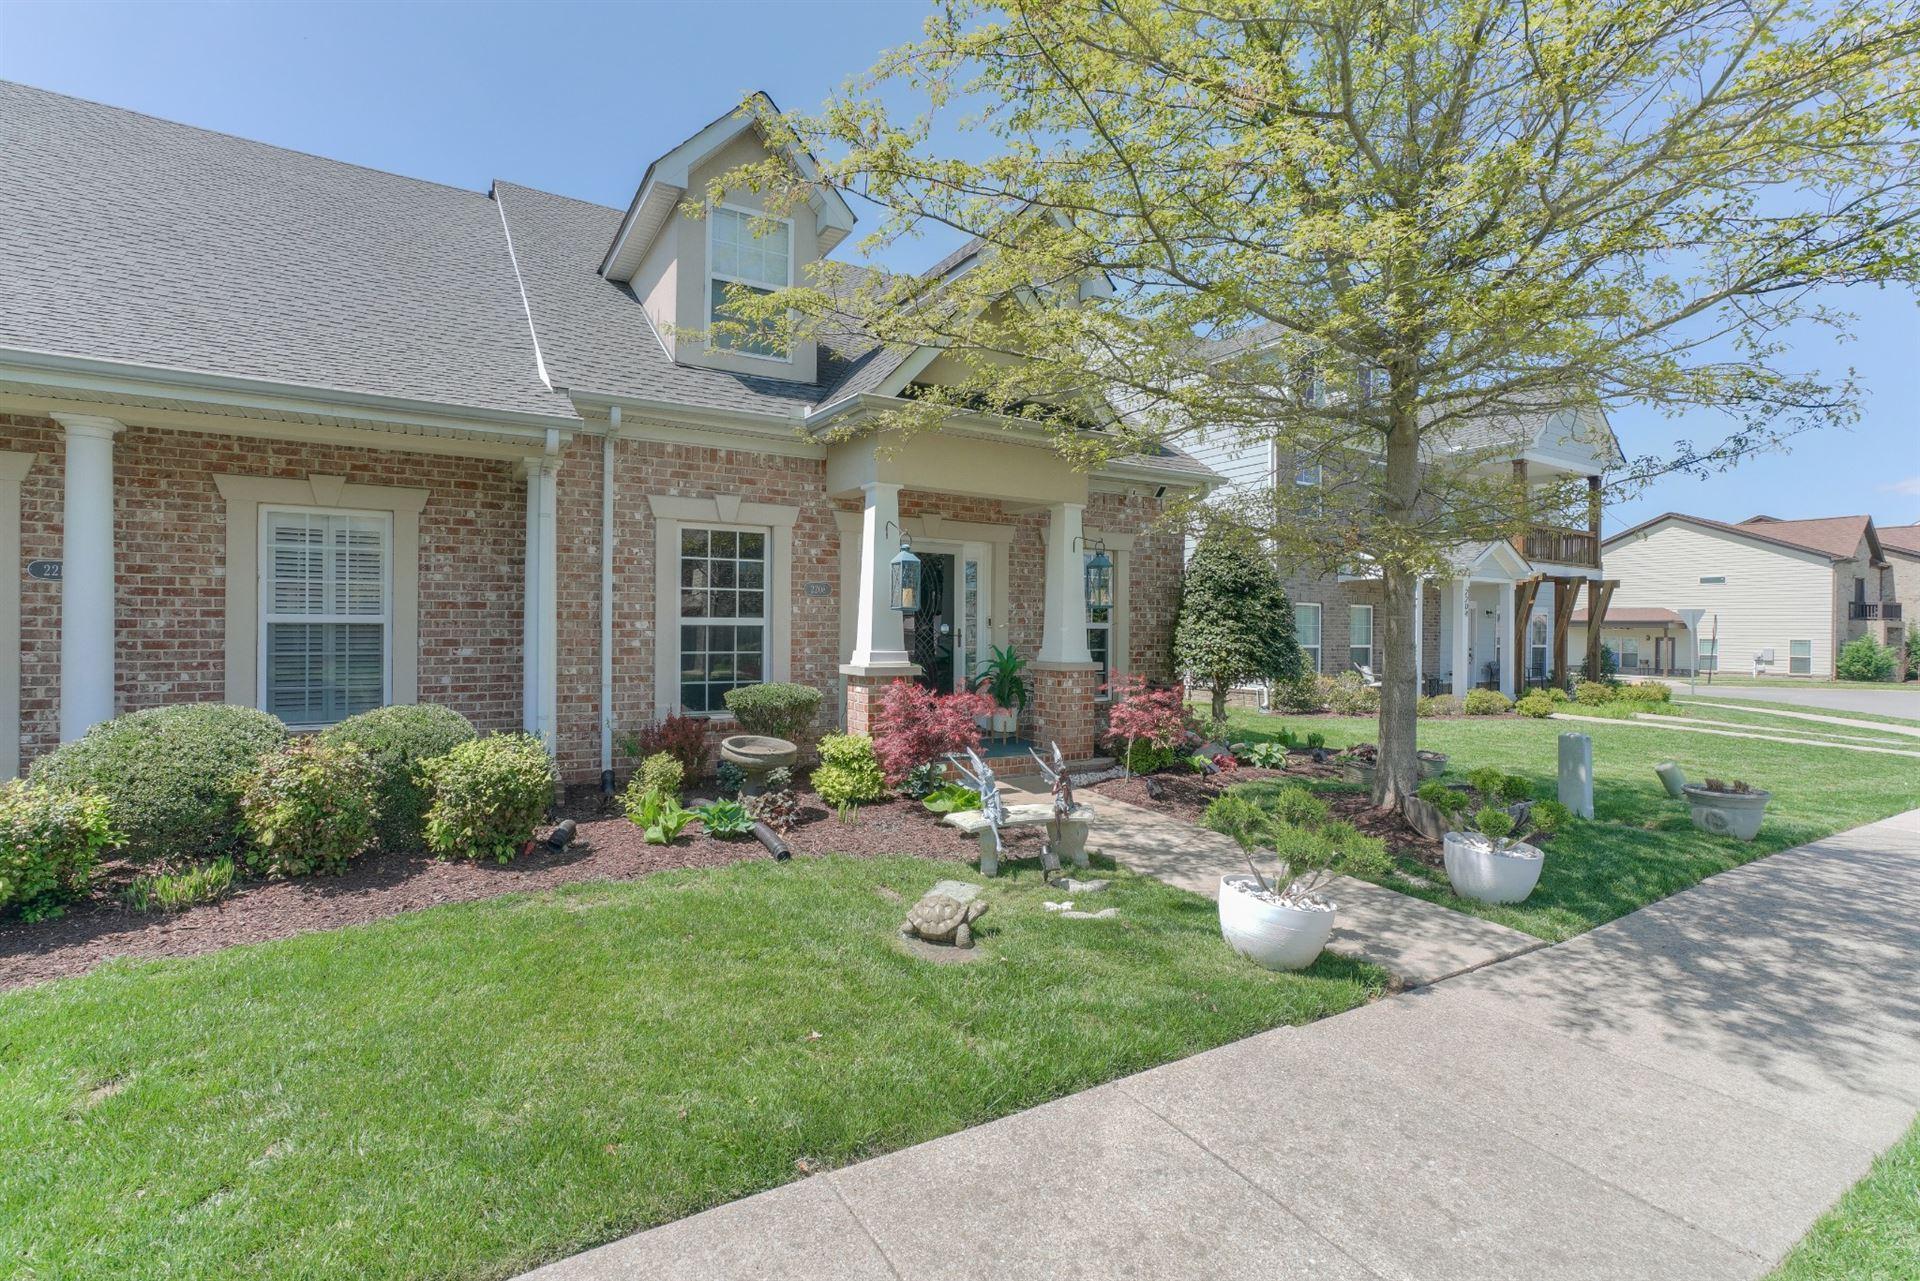 2208 Cason Ln, Murfreesboro, TN 37128 - MLS#: 2245421